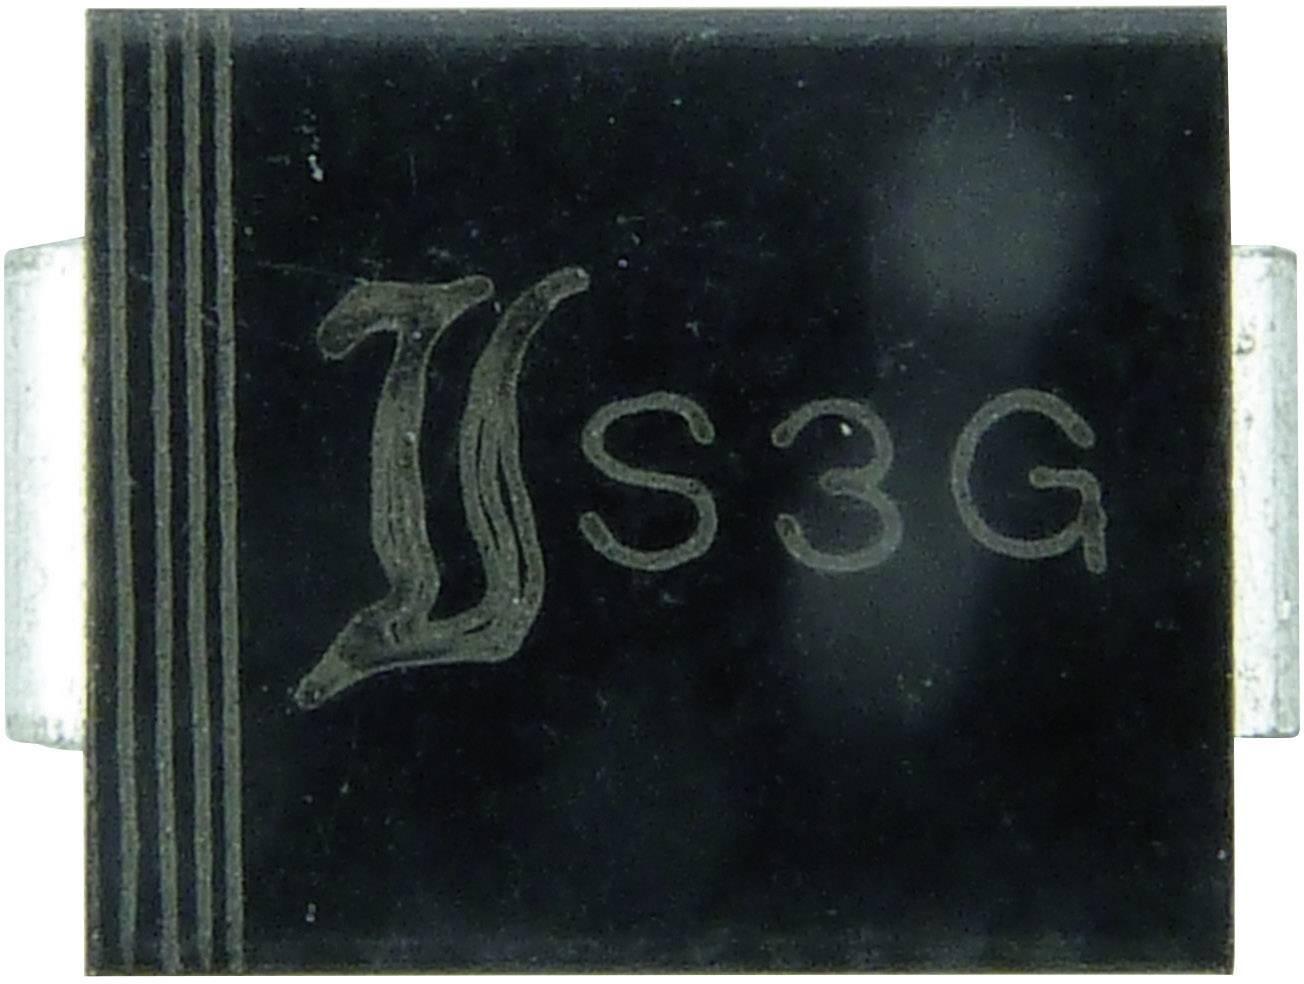 Zenerova dioda Diotec Z3SMC39, U(zen) 39 V